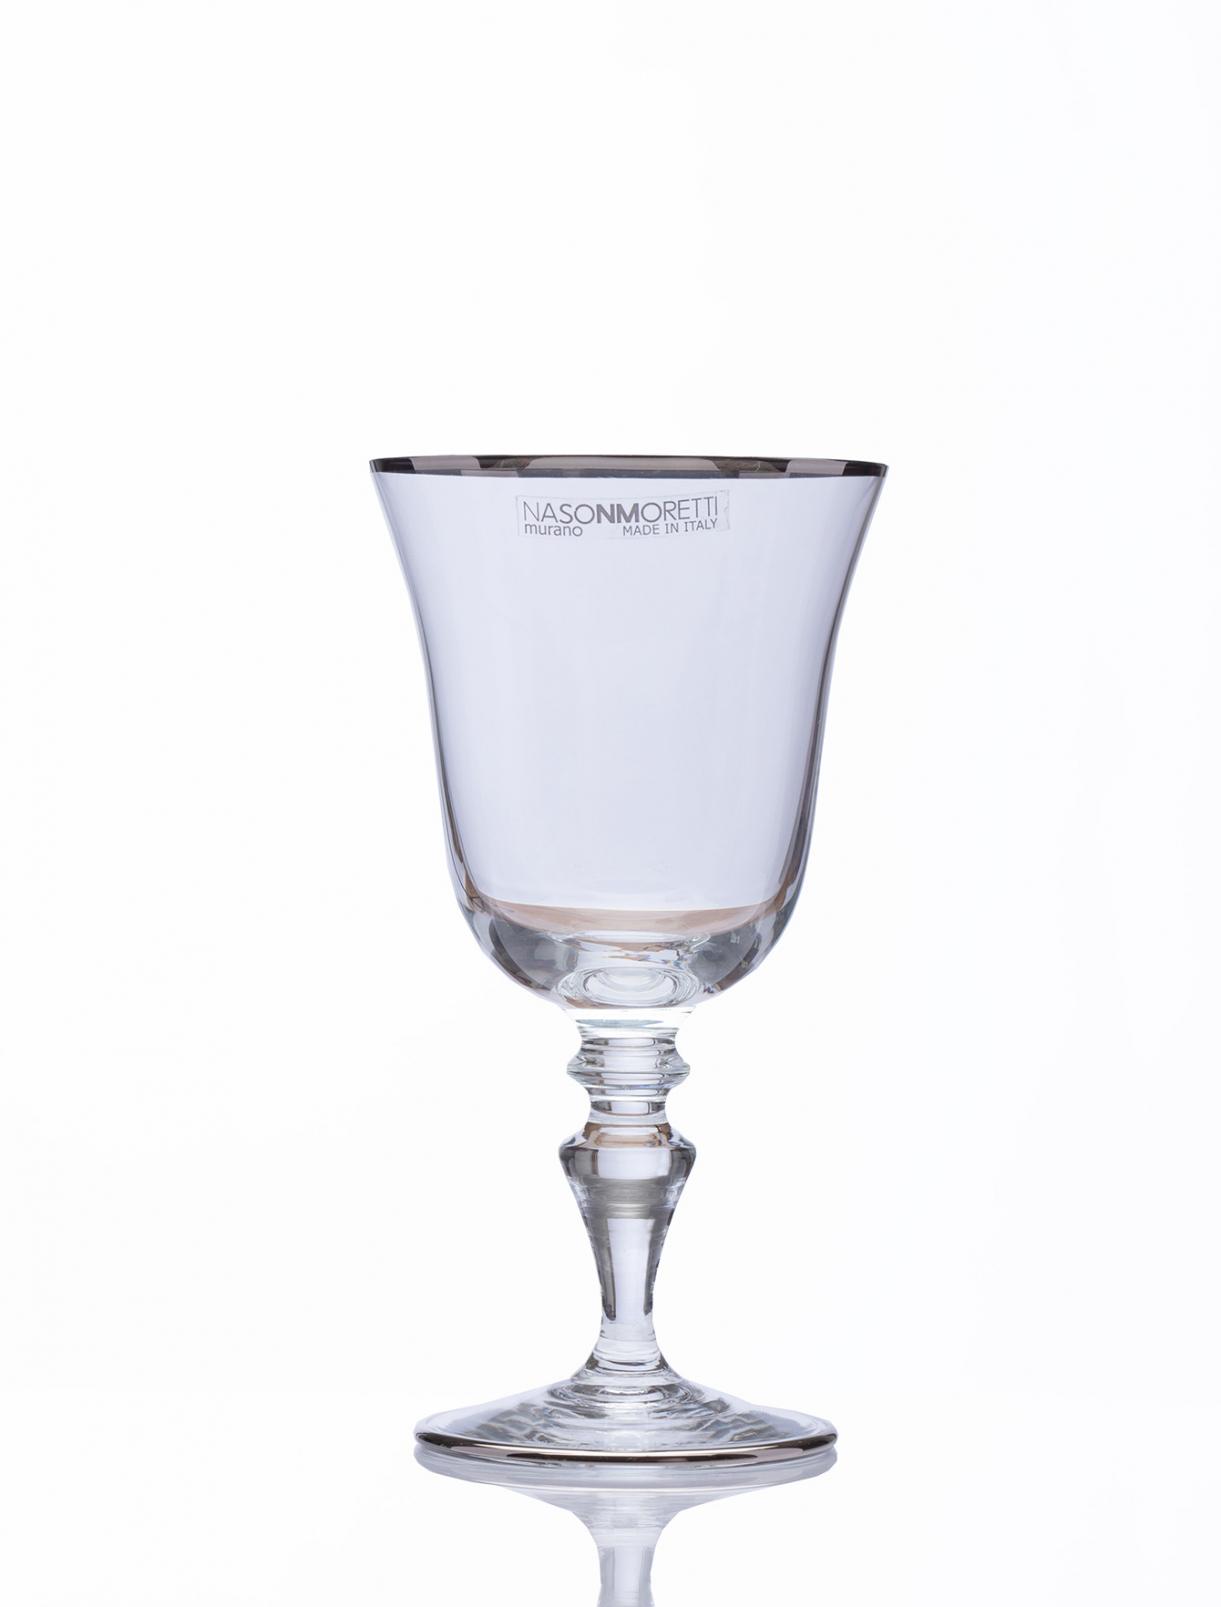 Бокал для белого вина с платиновым кантом, высота - 13,7 см, диаметр - 7,4 см NasonMoretti  –  Общий вид